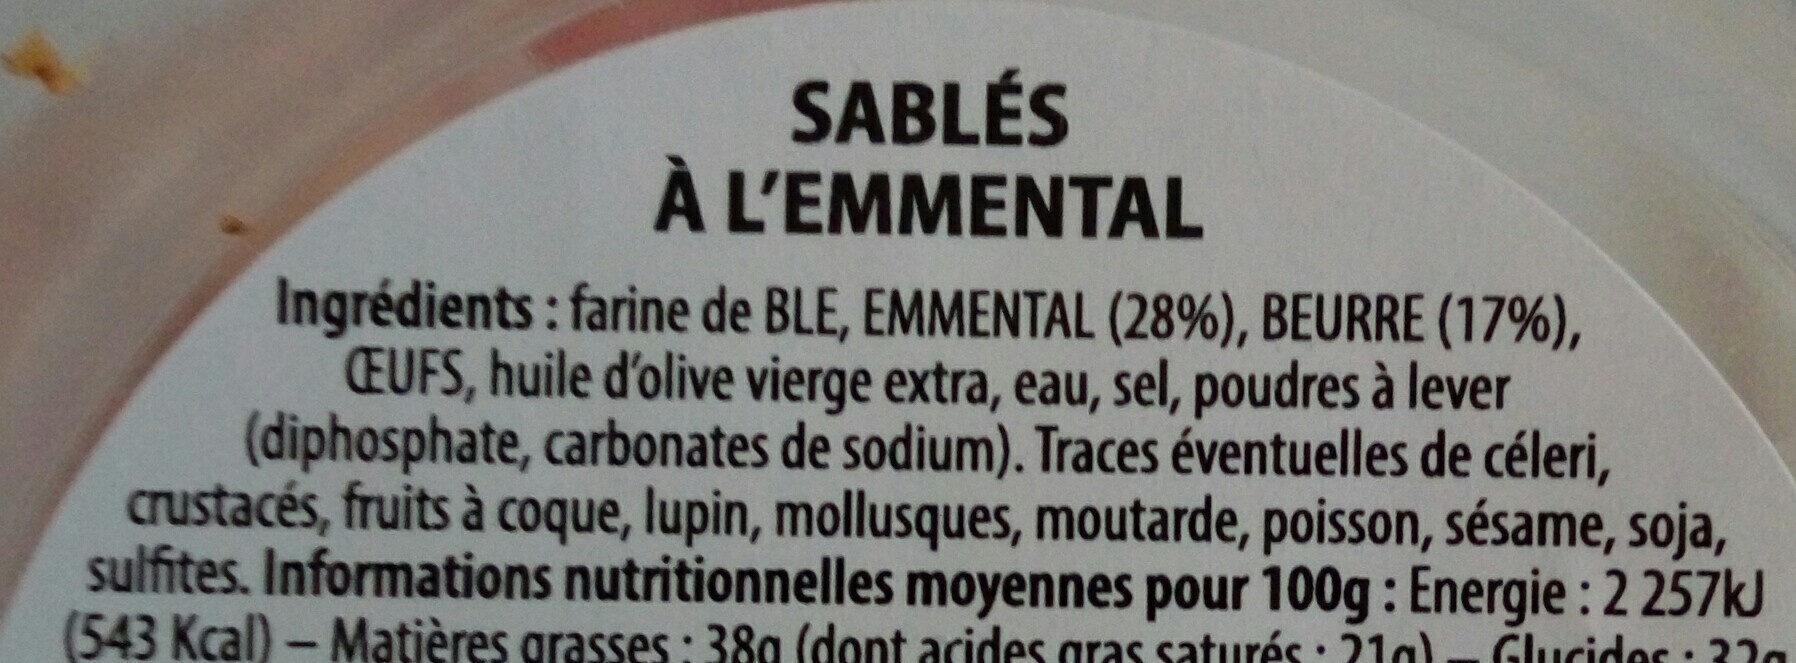 Sablés apéro à grignoter à l'Emmental français - Ingrédients - fr